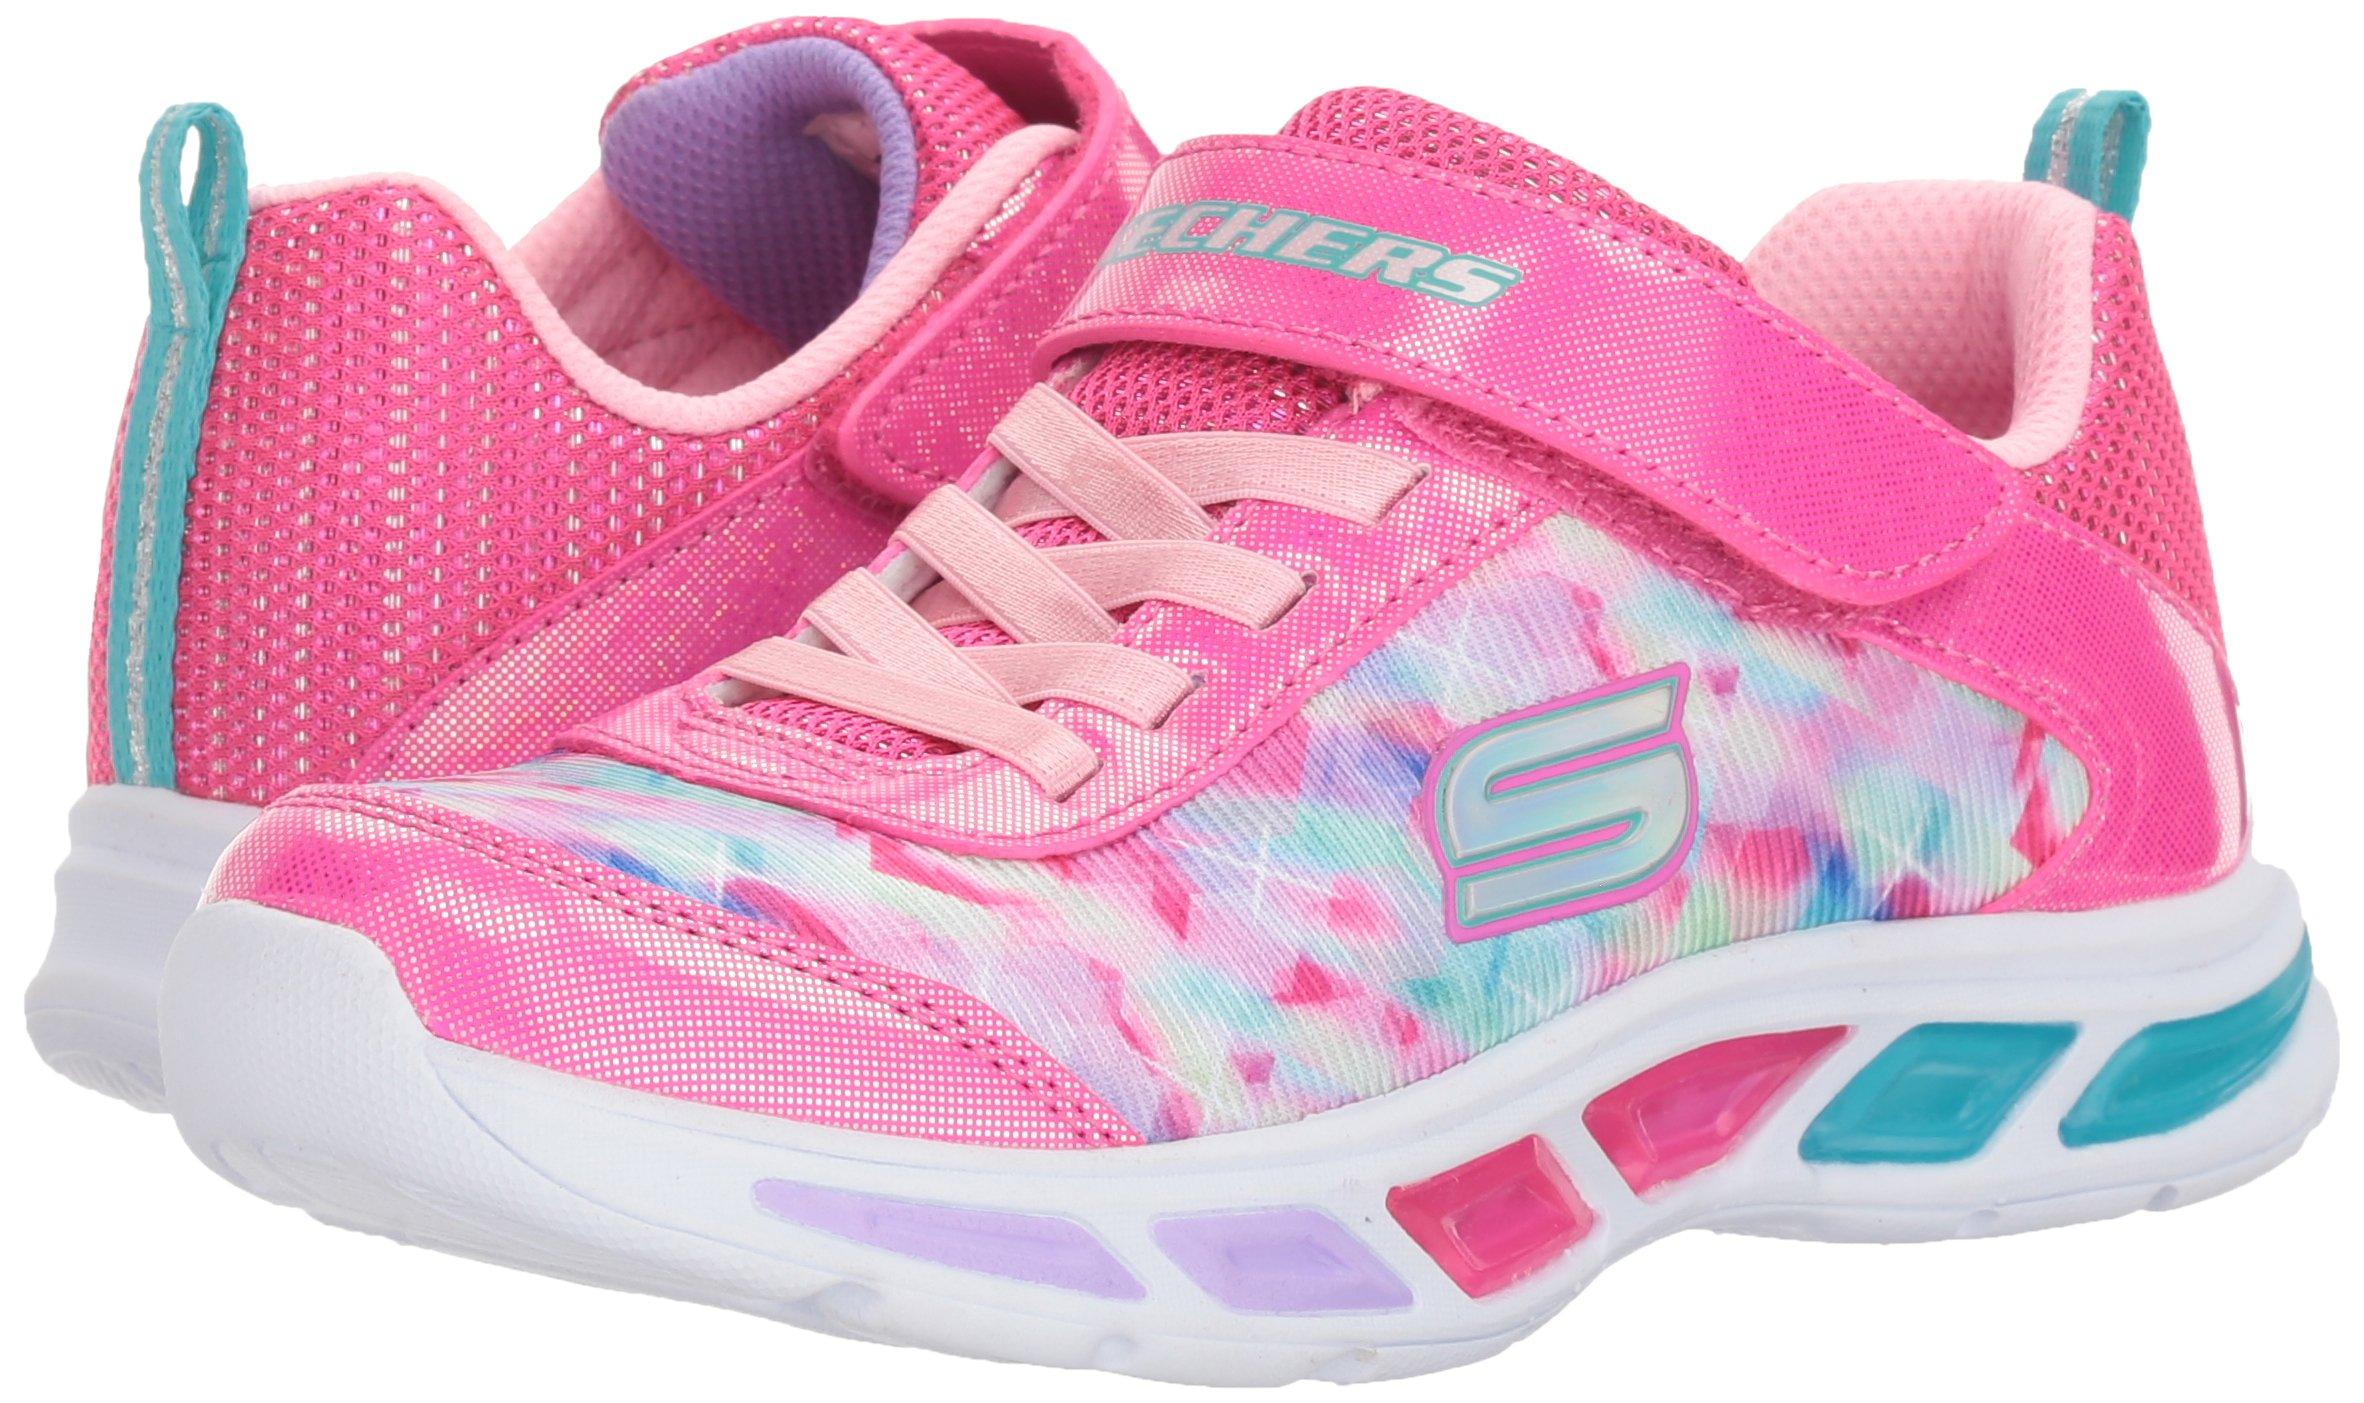 Skechers Kids Girls' Litebeams-Dance N'Glow Sneaker,neon Pink/Multi,1 Medium US Little Kid by Skechers (Image #6)